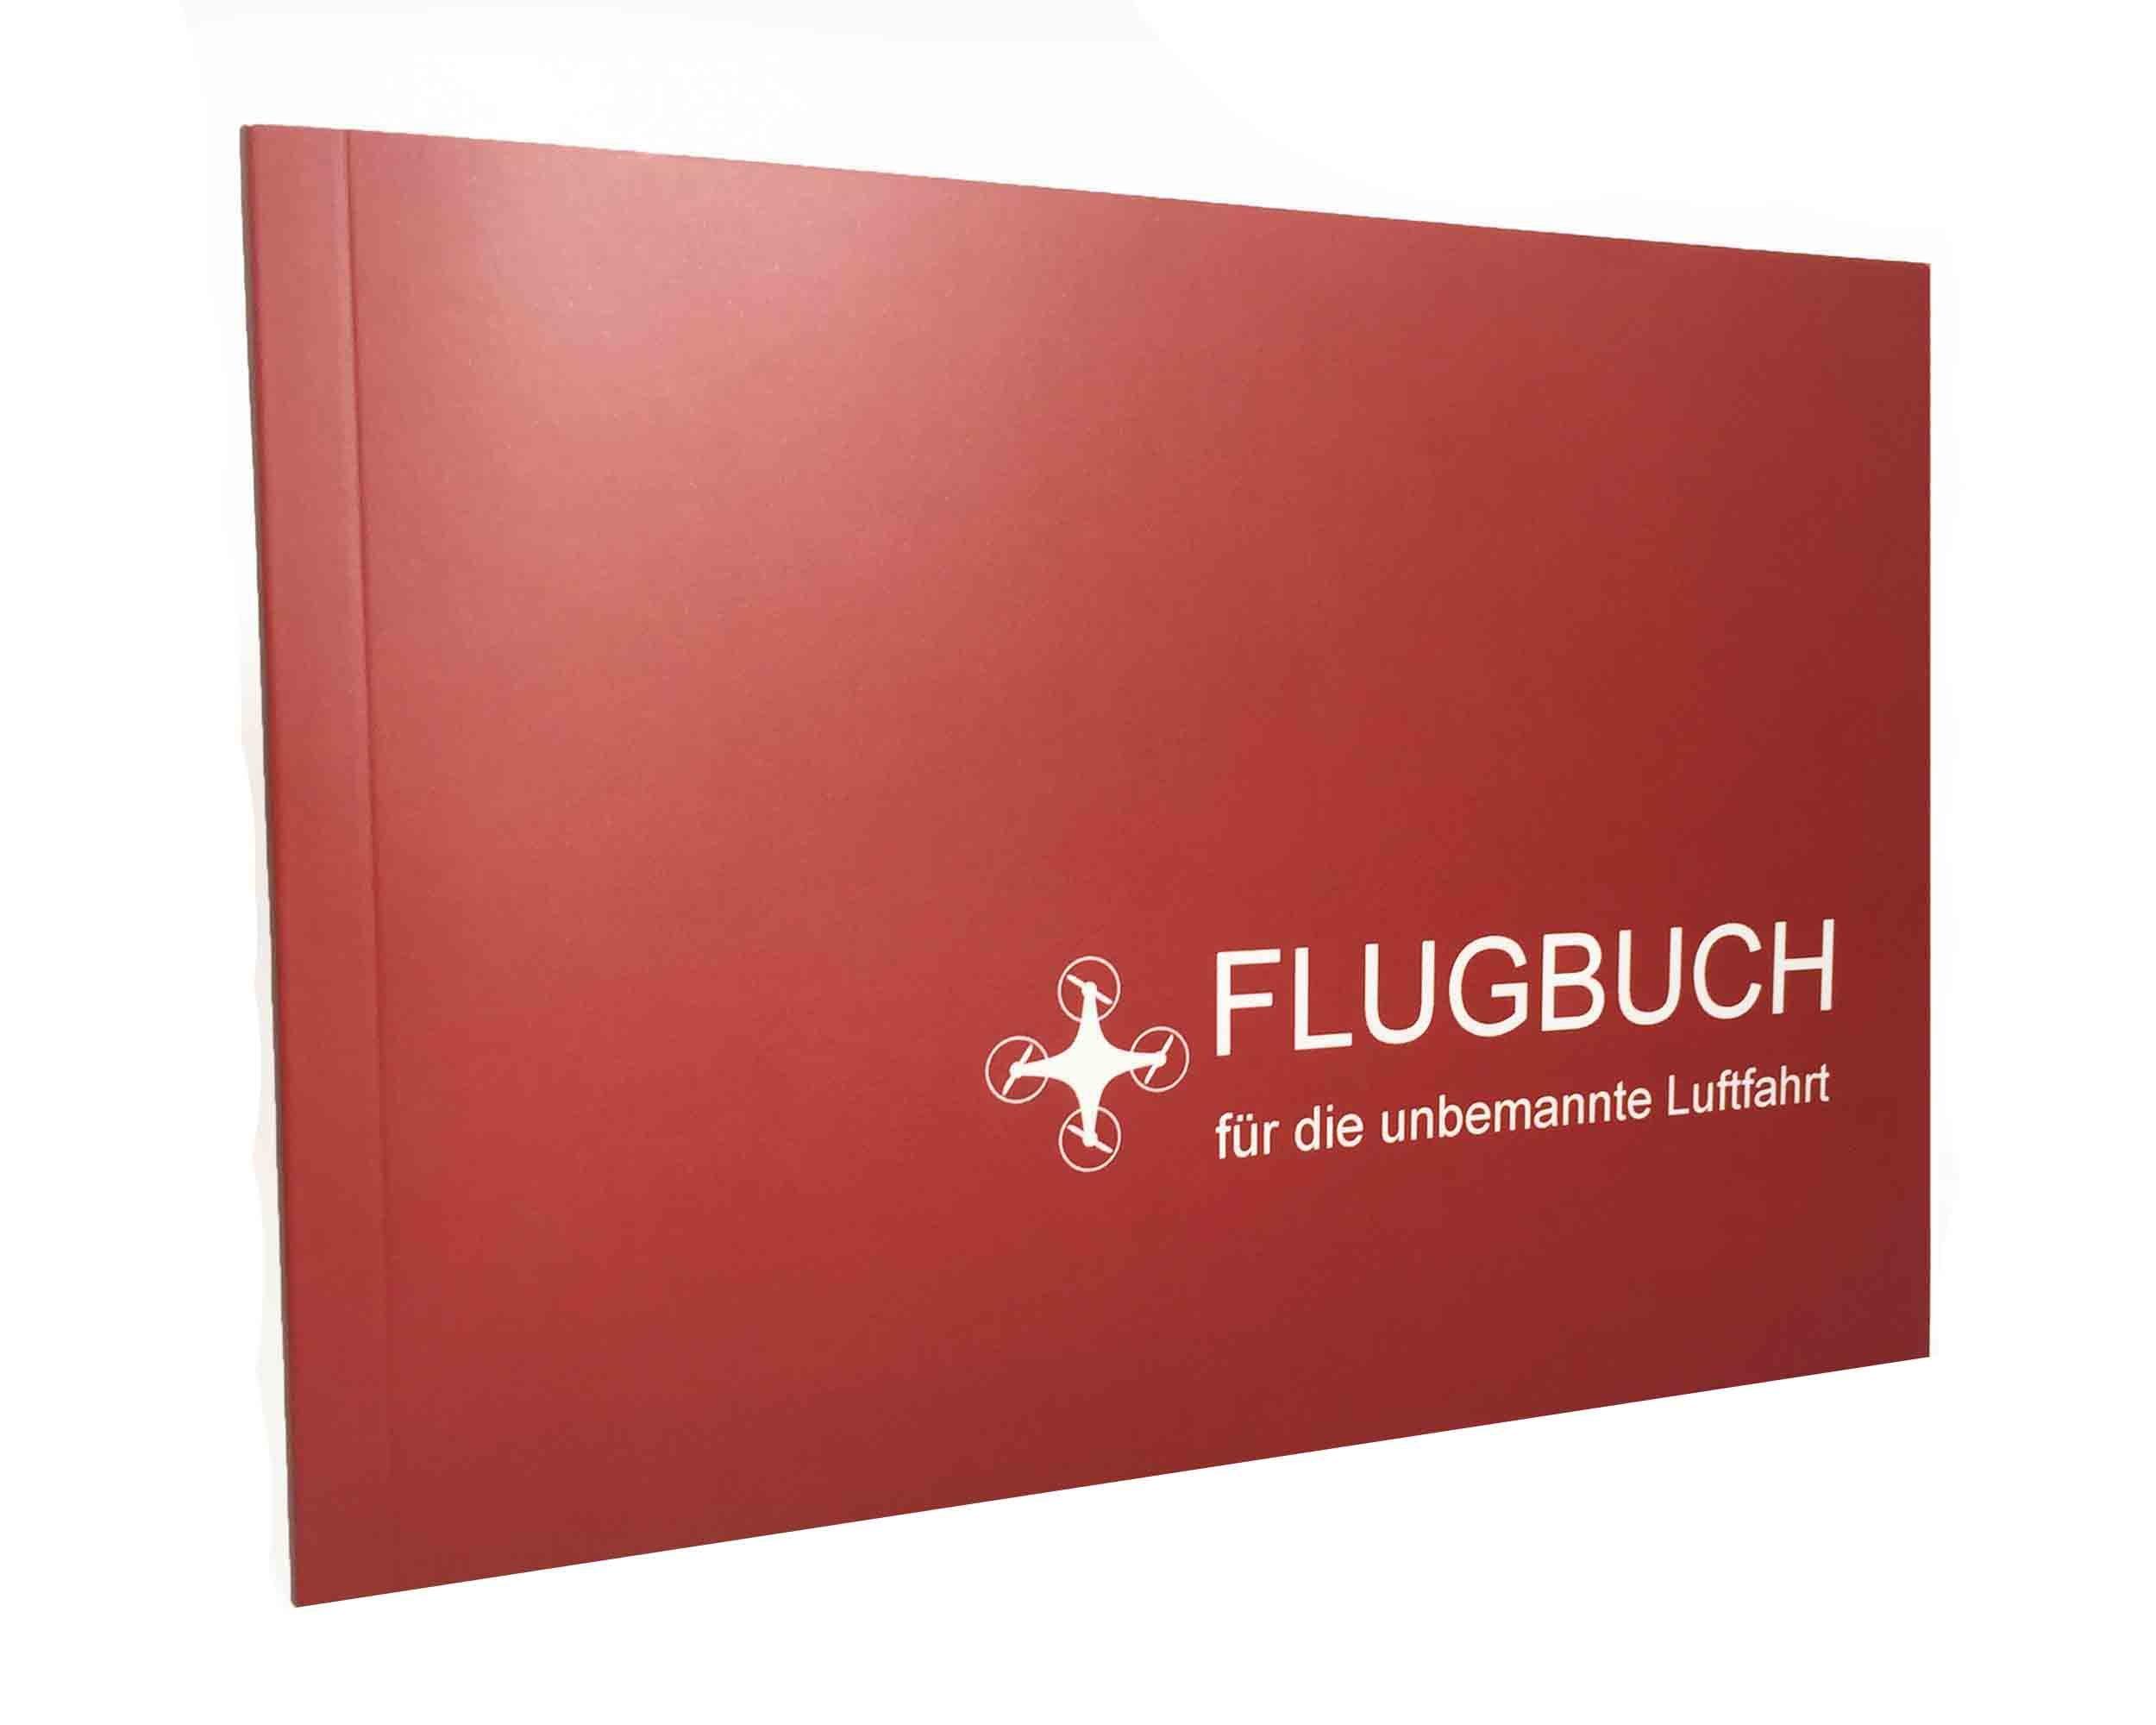 Flugbuch für die unbemannte Luftfahrt - für alle Multicopter und Flächenmodelle - für private und gewerbliche Einsätze - Platz für 300 Flüge / entspricht den Vorgaben der EASA und des Luftfahrt-Bundesamtes